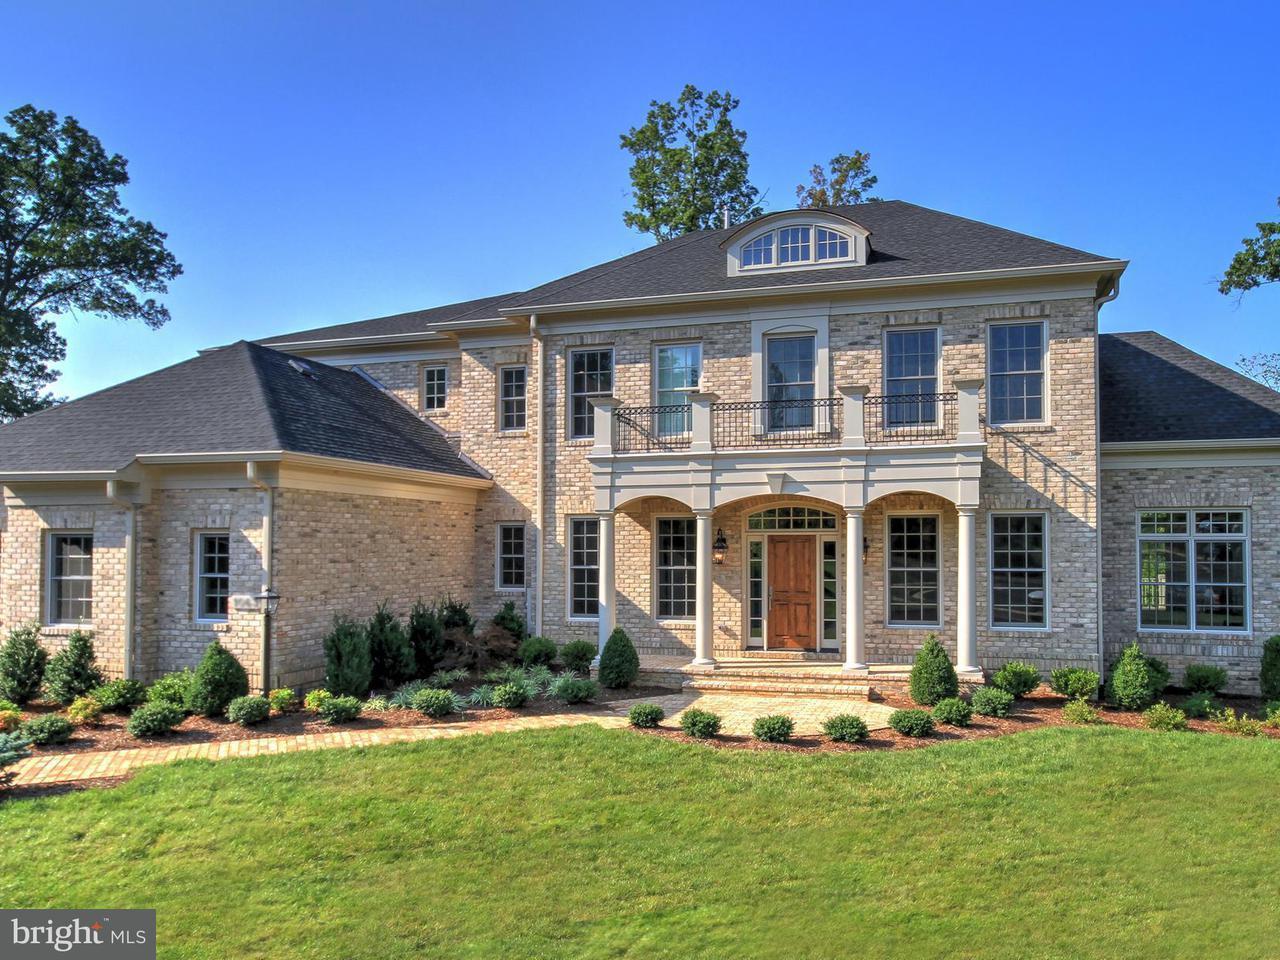 獨棟家庭住宅 為 出售 在 2550 VALE RIDGE Court 2550 VALE RIDGE Court Oakton, 弗吉尼亞州 22124 美國